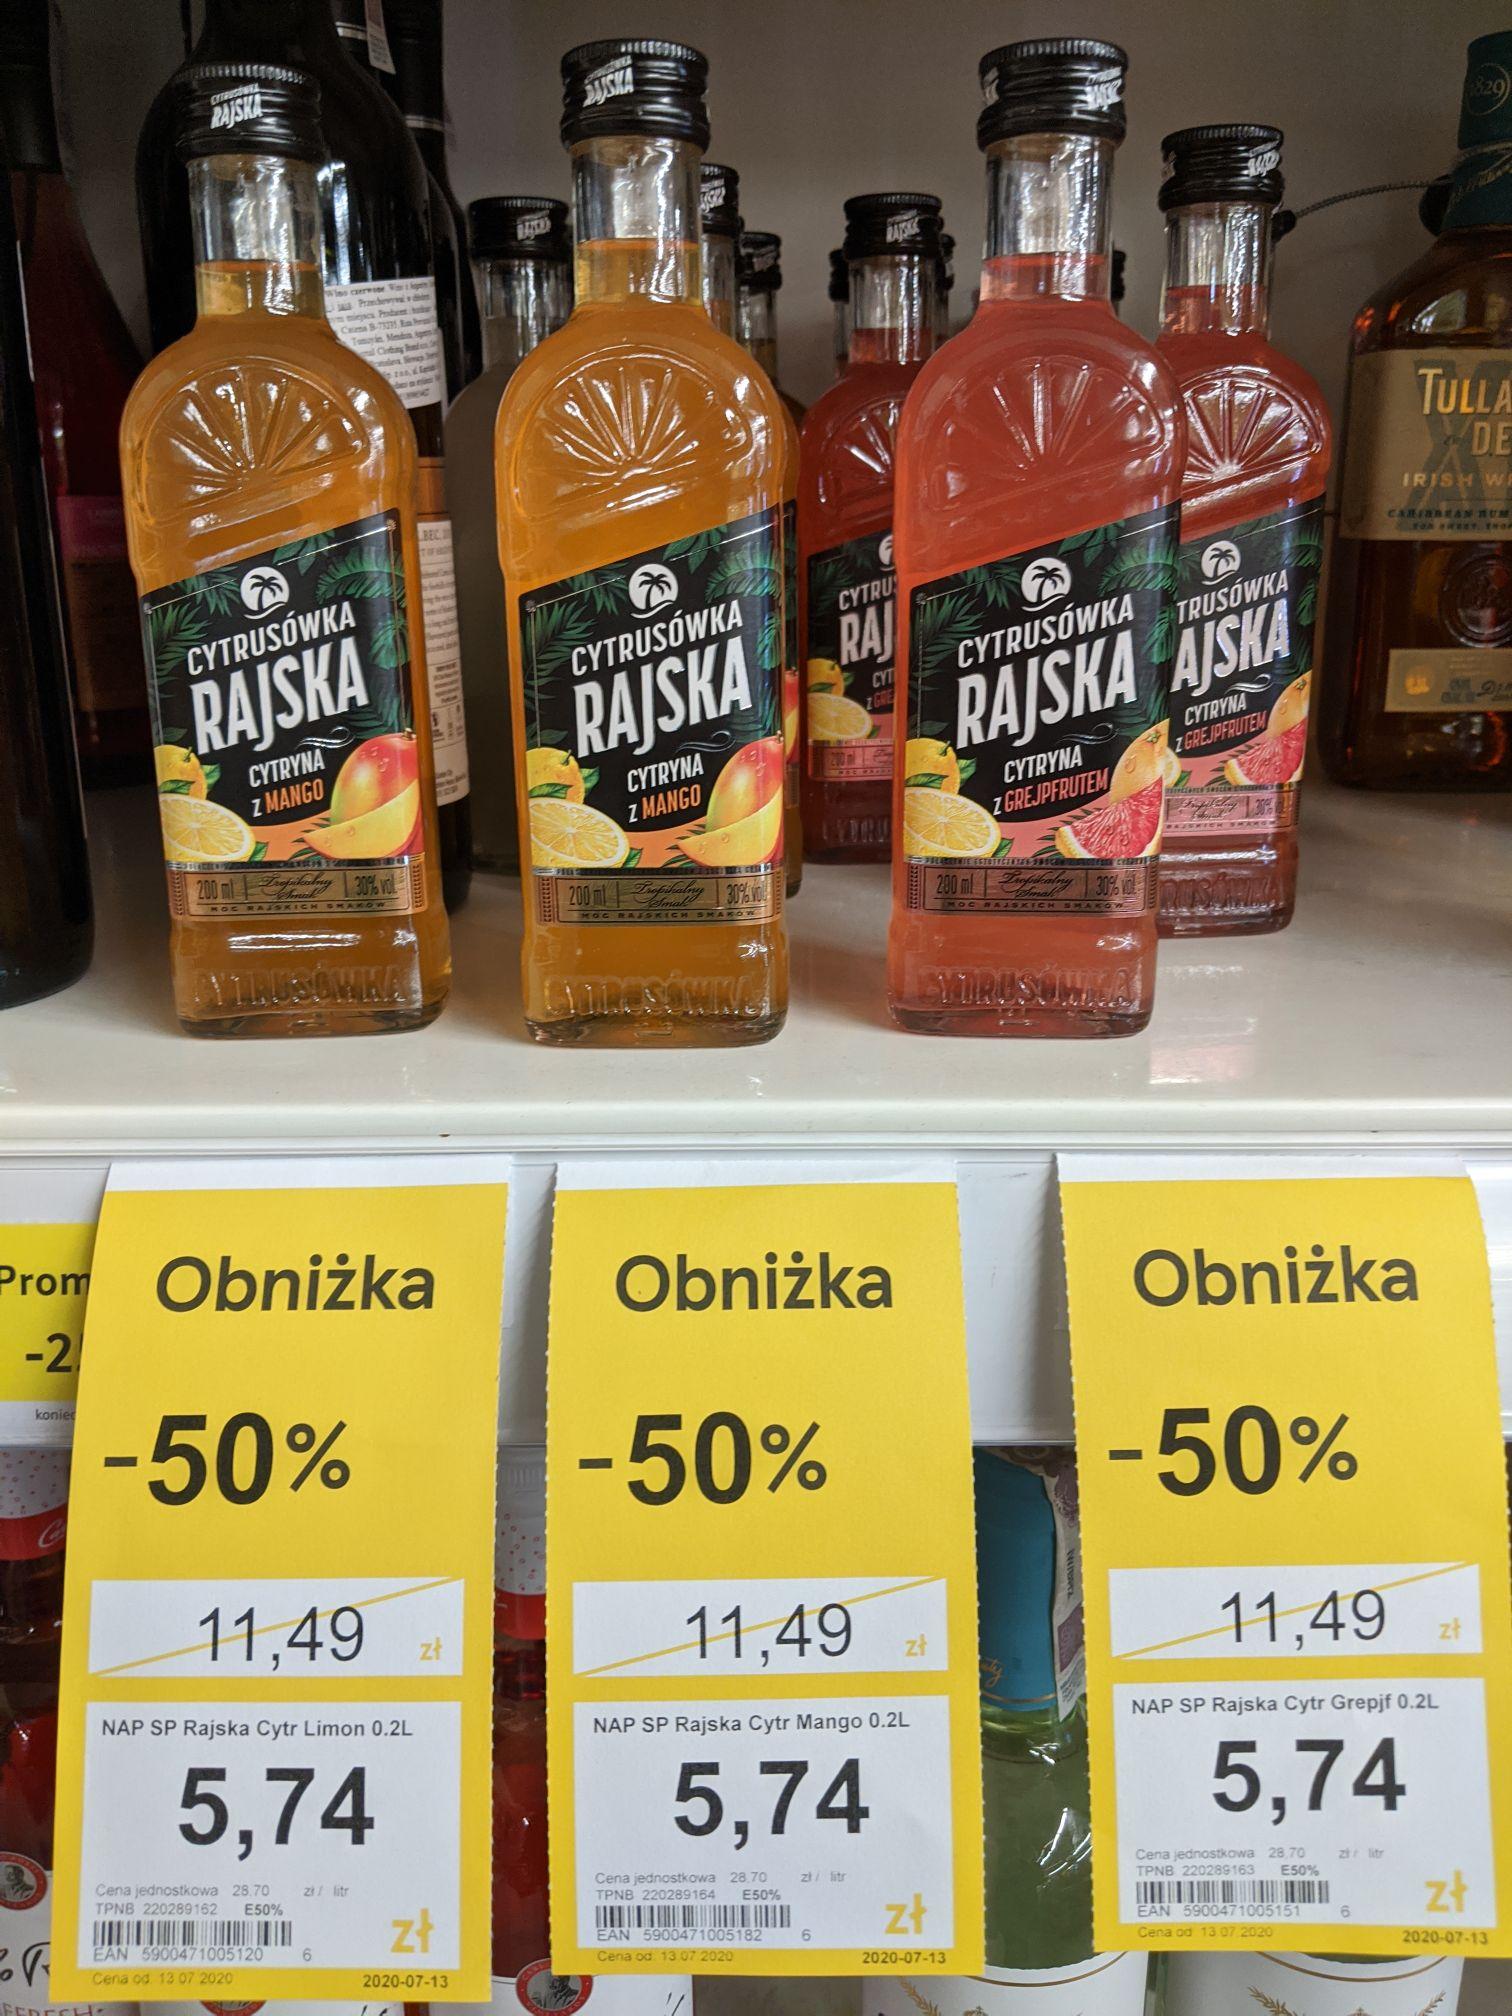 Rajska Cytrusówka, Różne smaki, Napój alkoholowy, 30% 0,2l Tesco